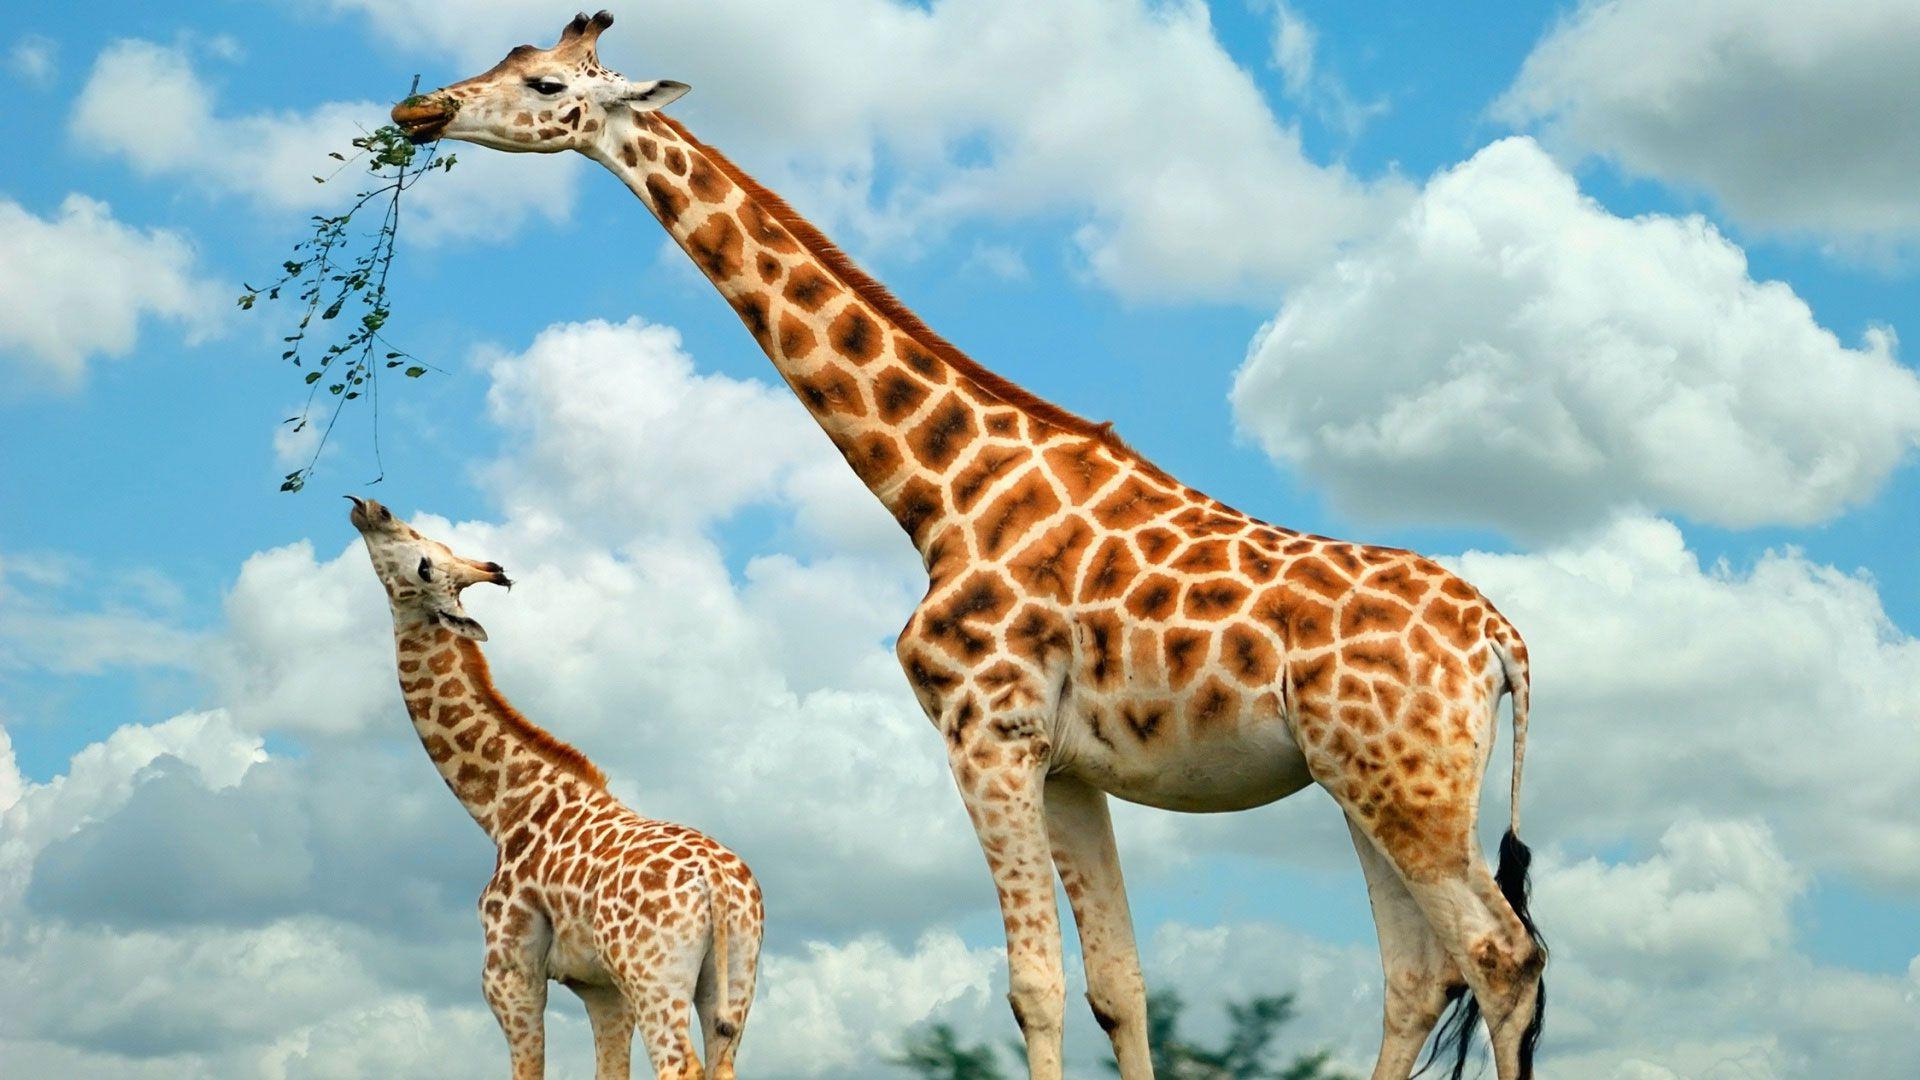 Giraffe With Cub